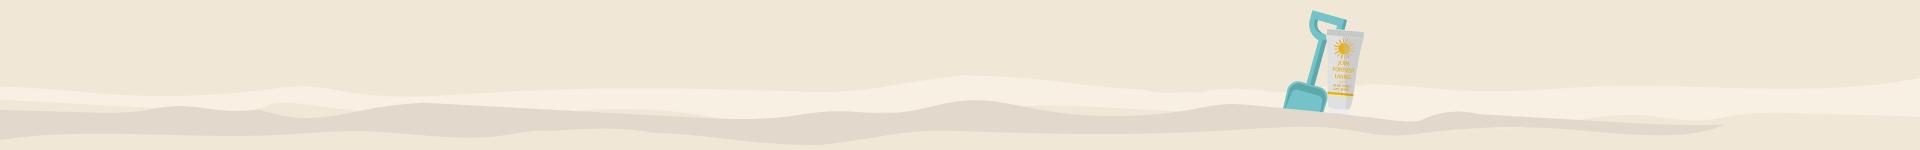 forever living business owner beach stripe spade